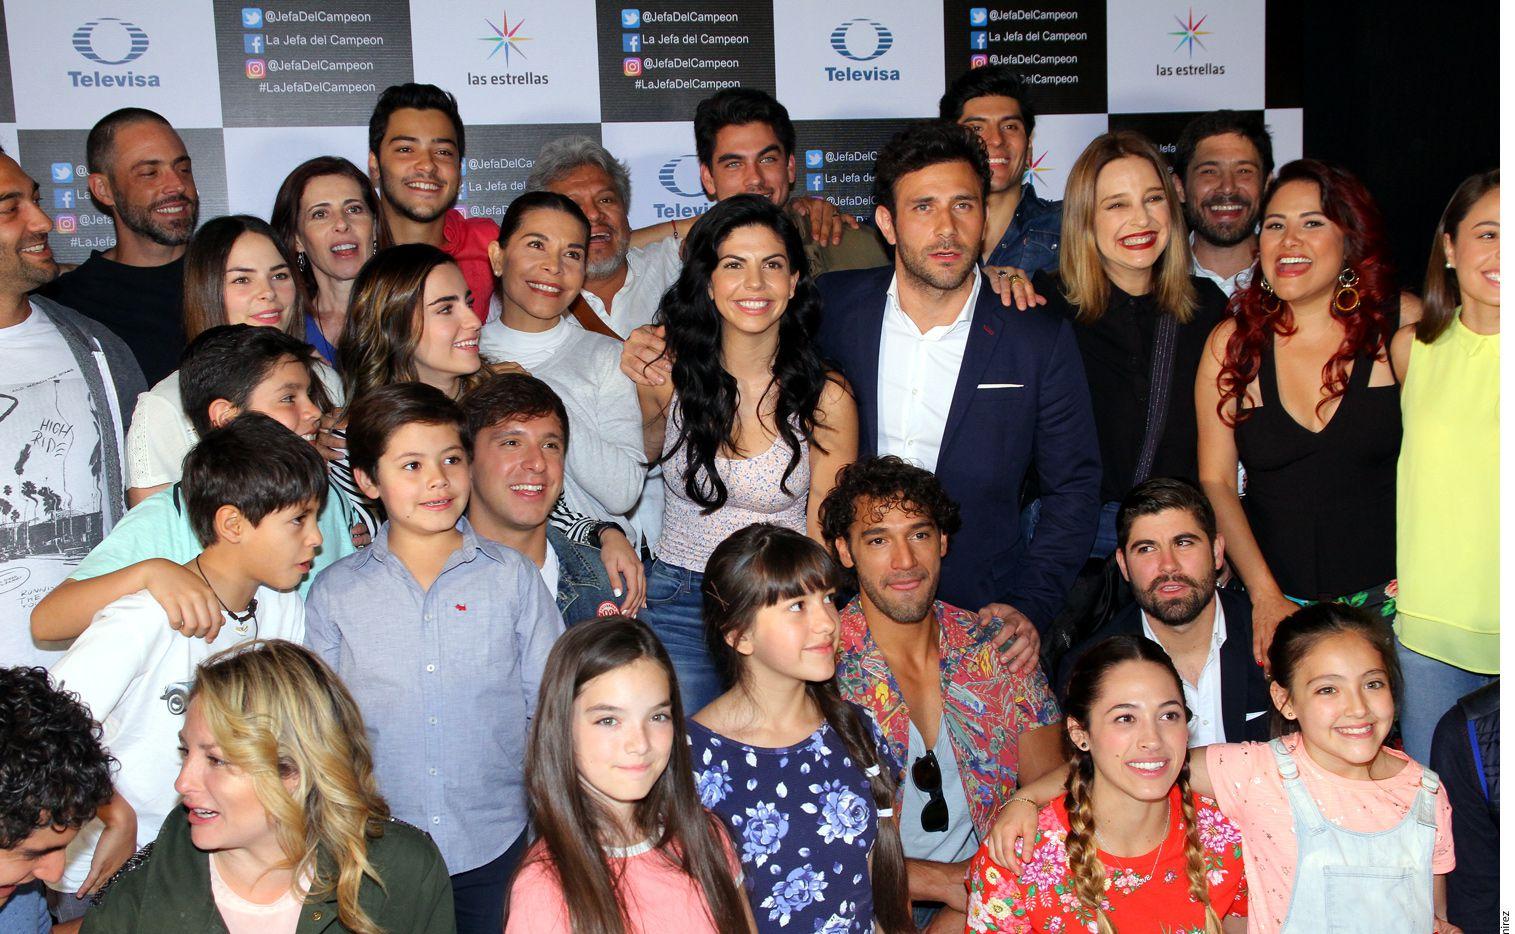 """El elenco y producción de """"La Jefa del Campeón"""" celebró ayer una misa en el foro 10 de Televisa San Ángel./ AGENCIA REFORMA"""